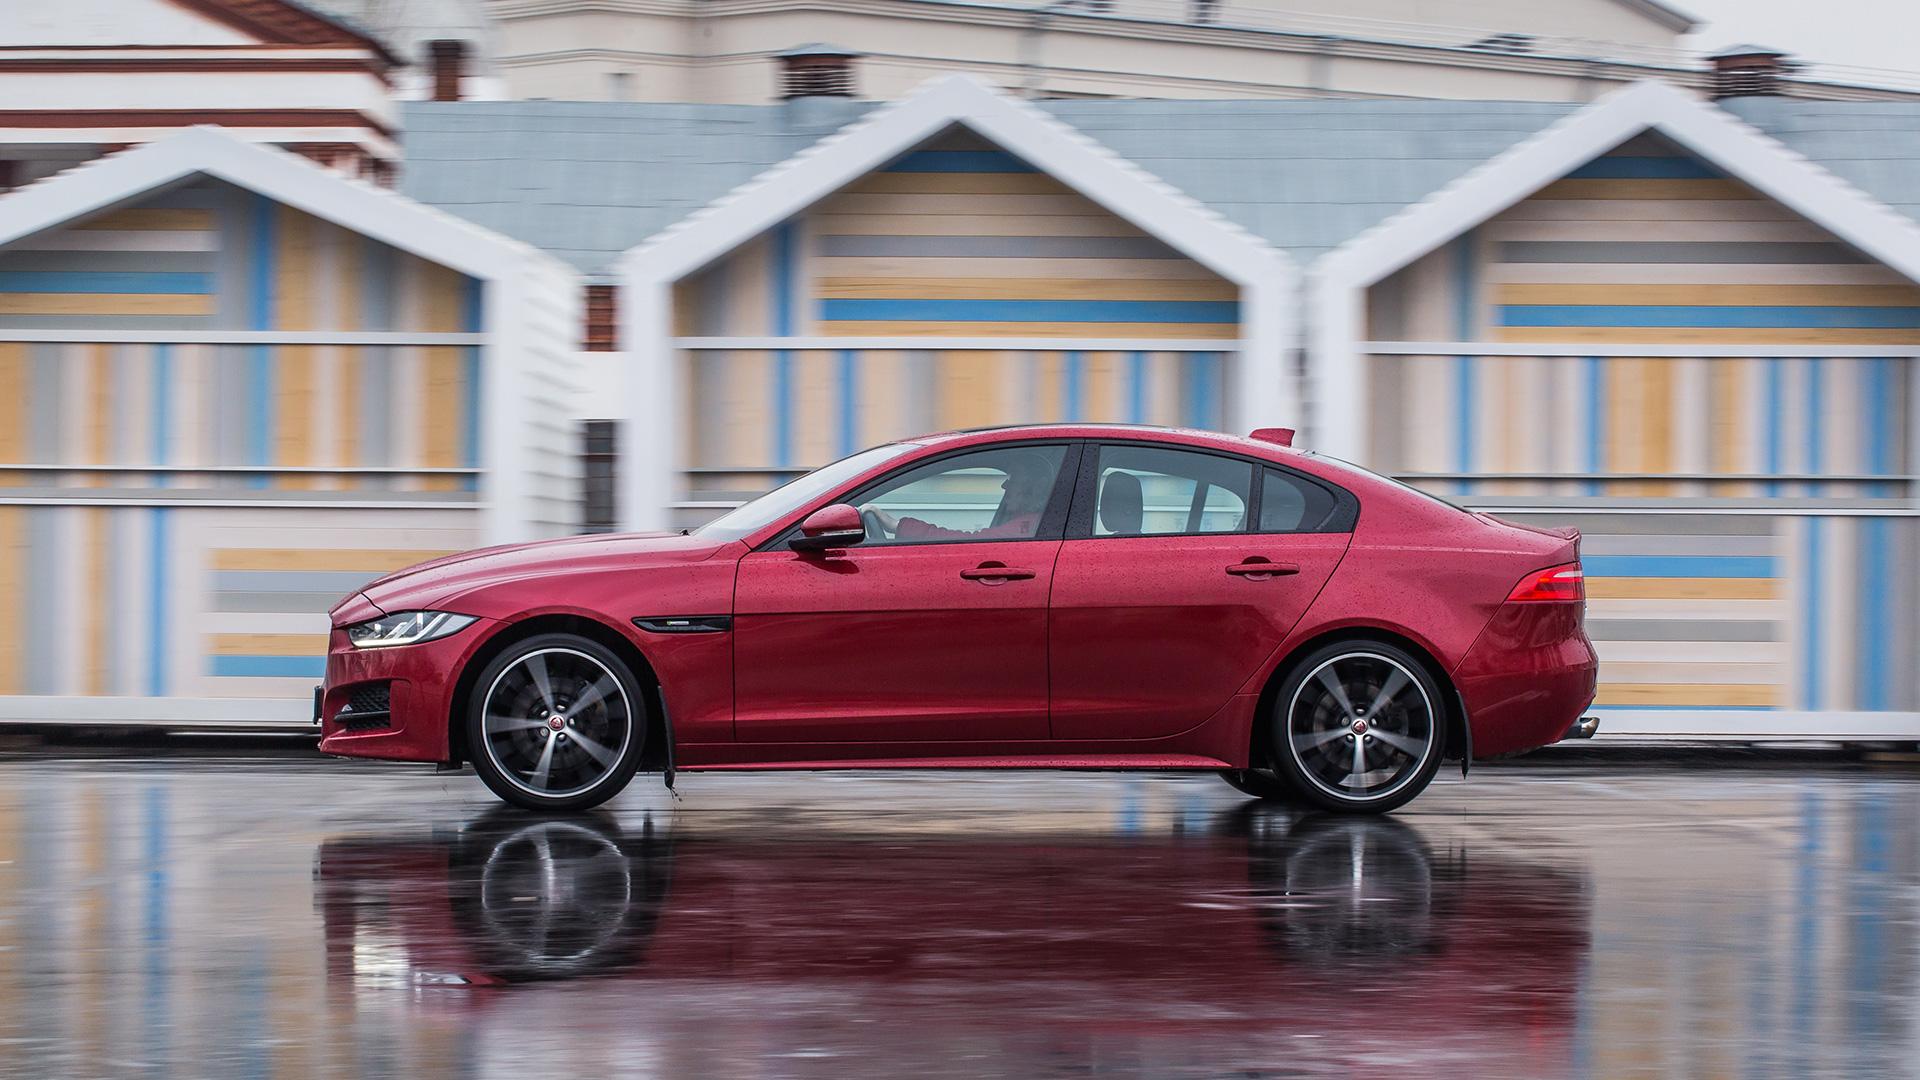 Длительный тест дизельного Jaguar XE: итоги, прощание. Фото 2